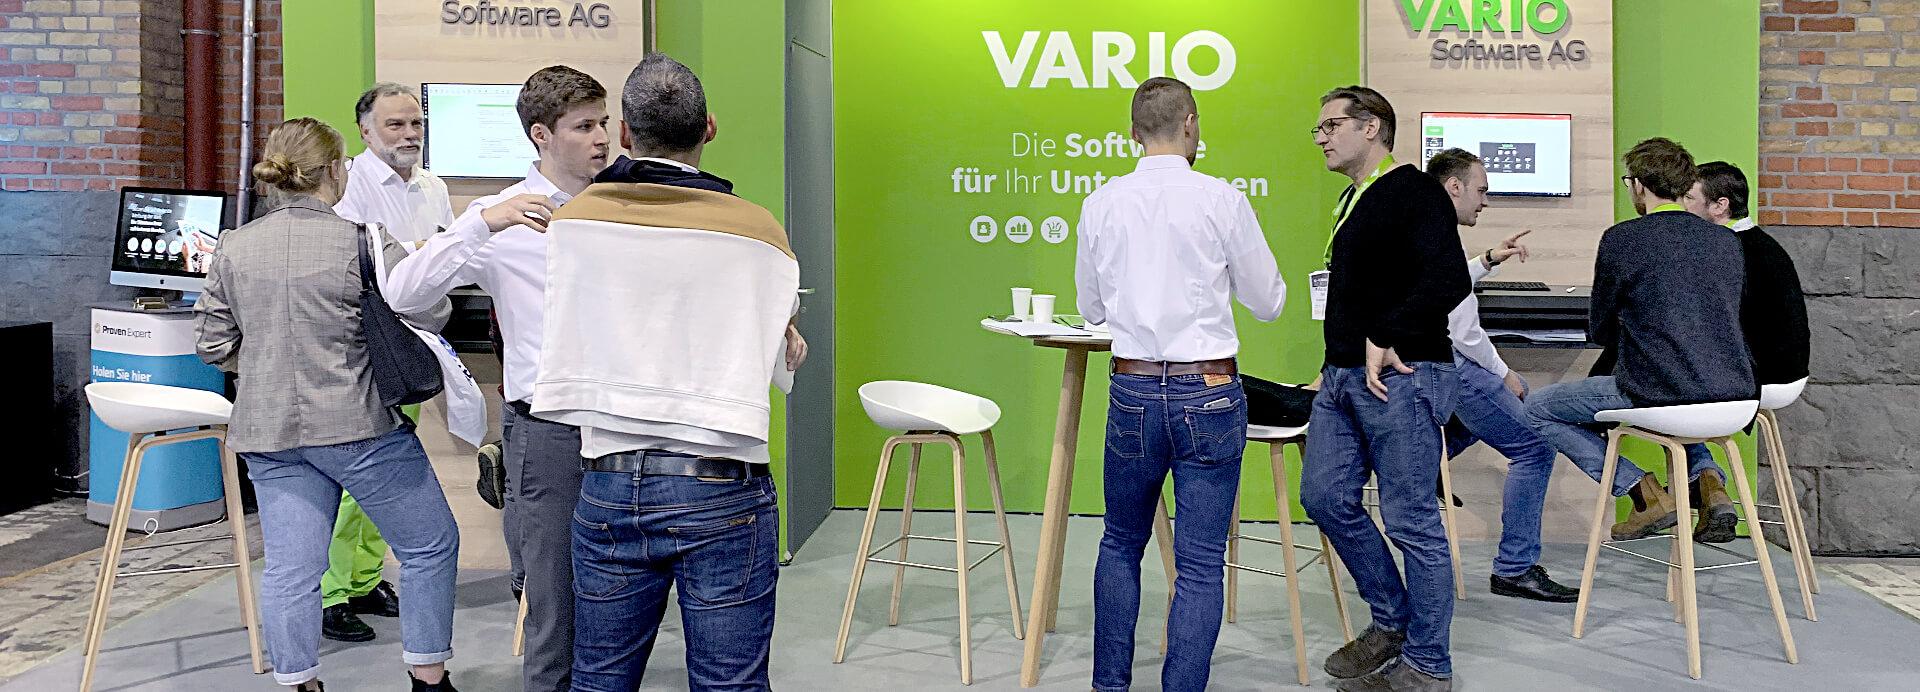 VARIO Messestand auf der Berlin EXPO